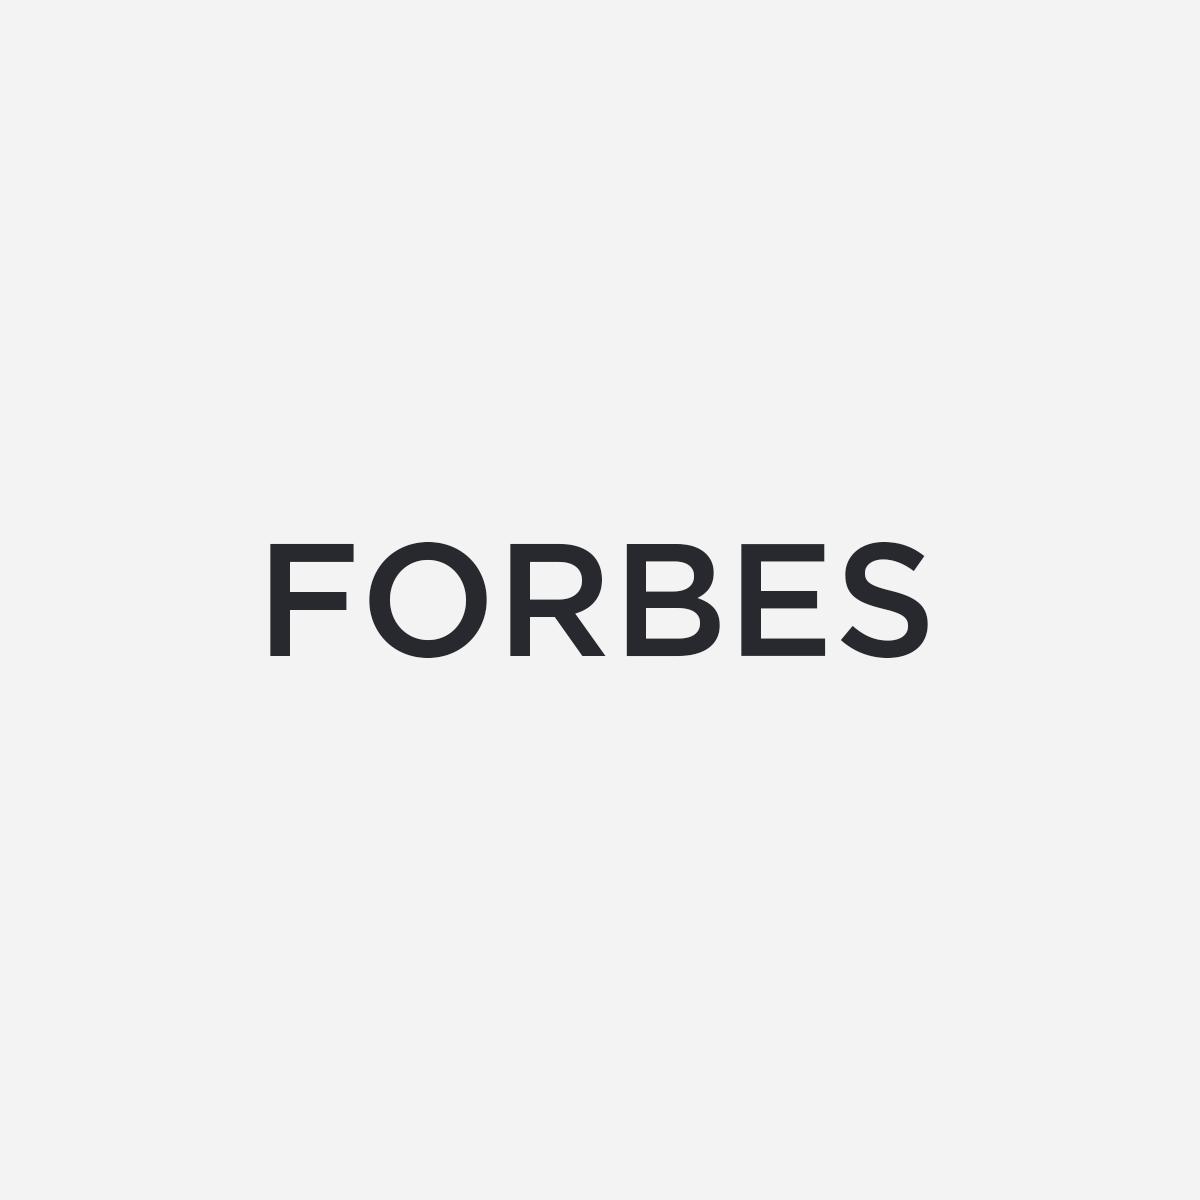 turning trashinto profits - Forbes,June 18, 2018